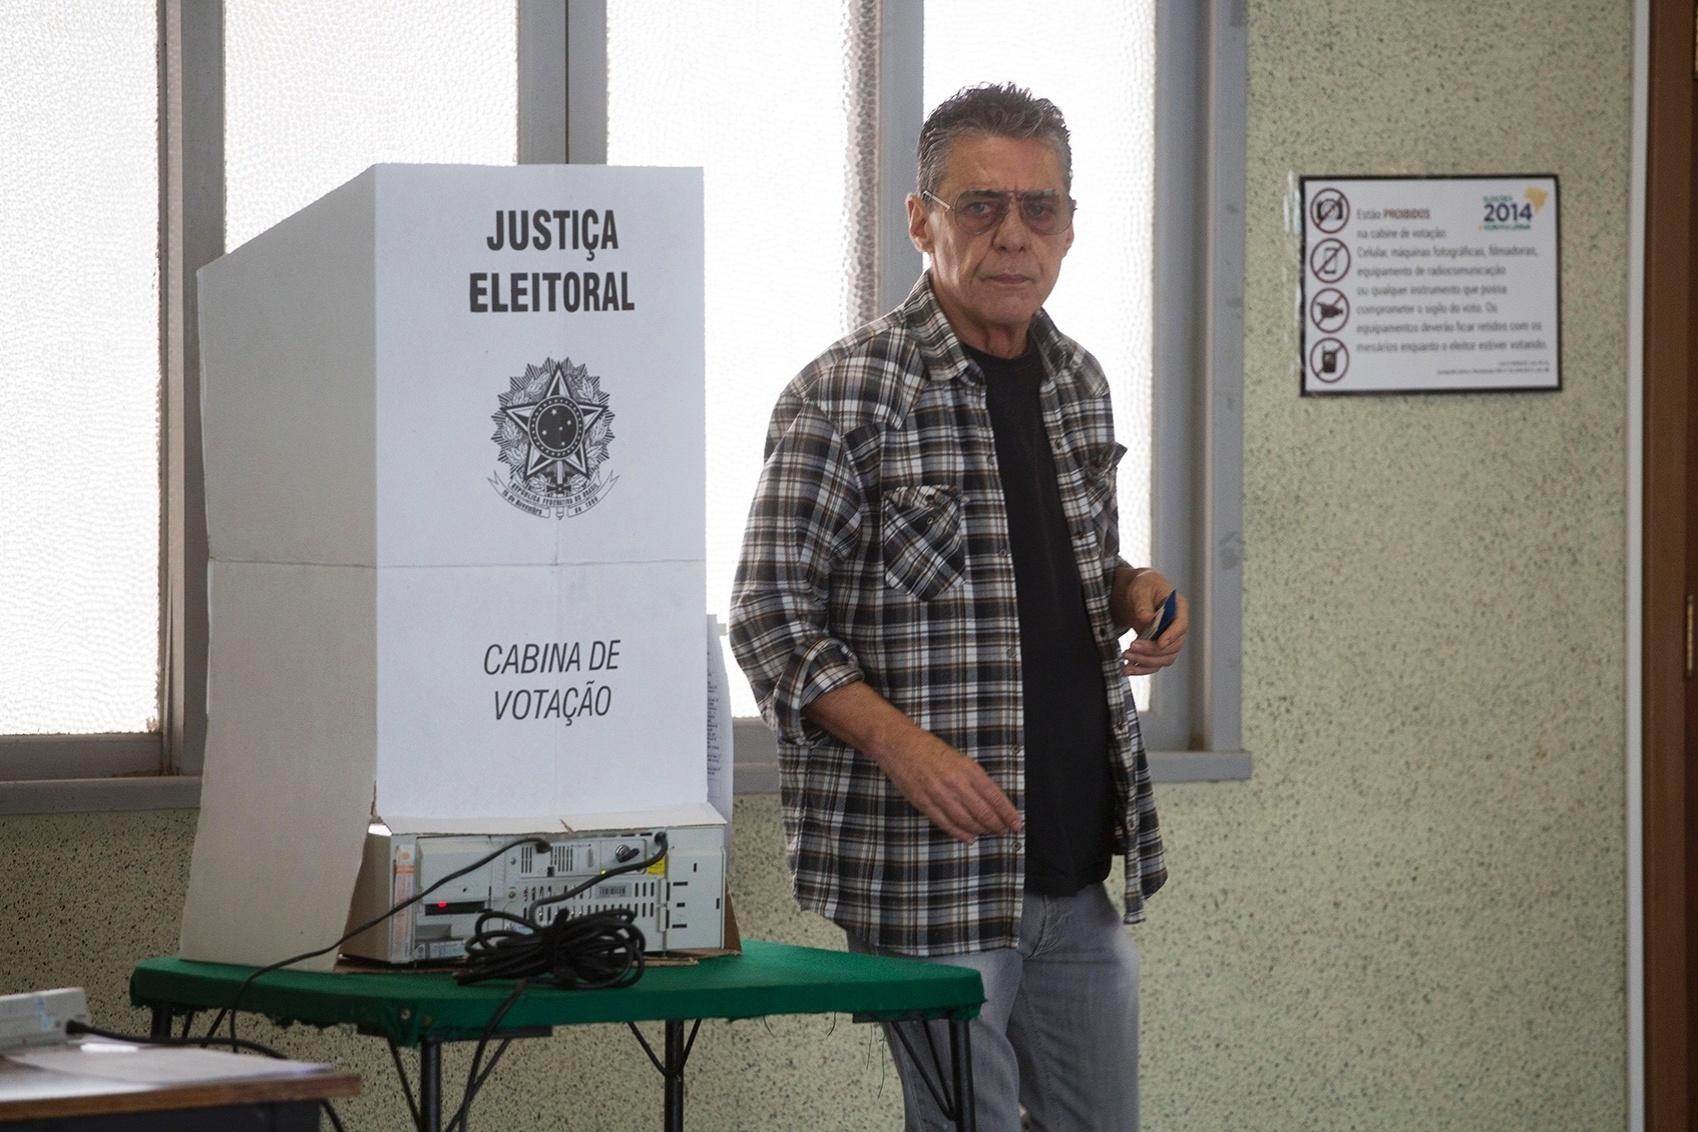 26.out.2014 - O cantor e compositor Chico Buarque votou neste domingo (26) no colégio Bahiense, na Gávea, zona sul do Rio de Janeiro. Durante a campanha eleitoral, Chico declarou apoio à candidata à Presidência da República Dilma Rousseff (PT)